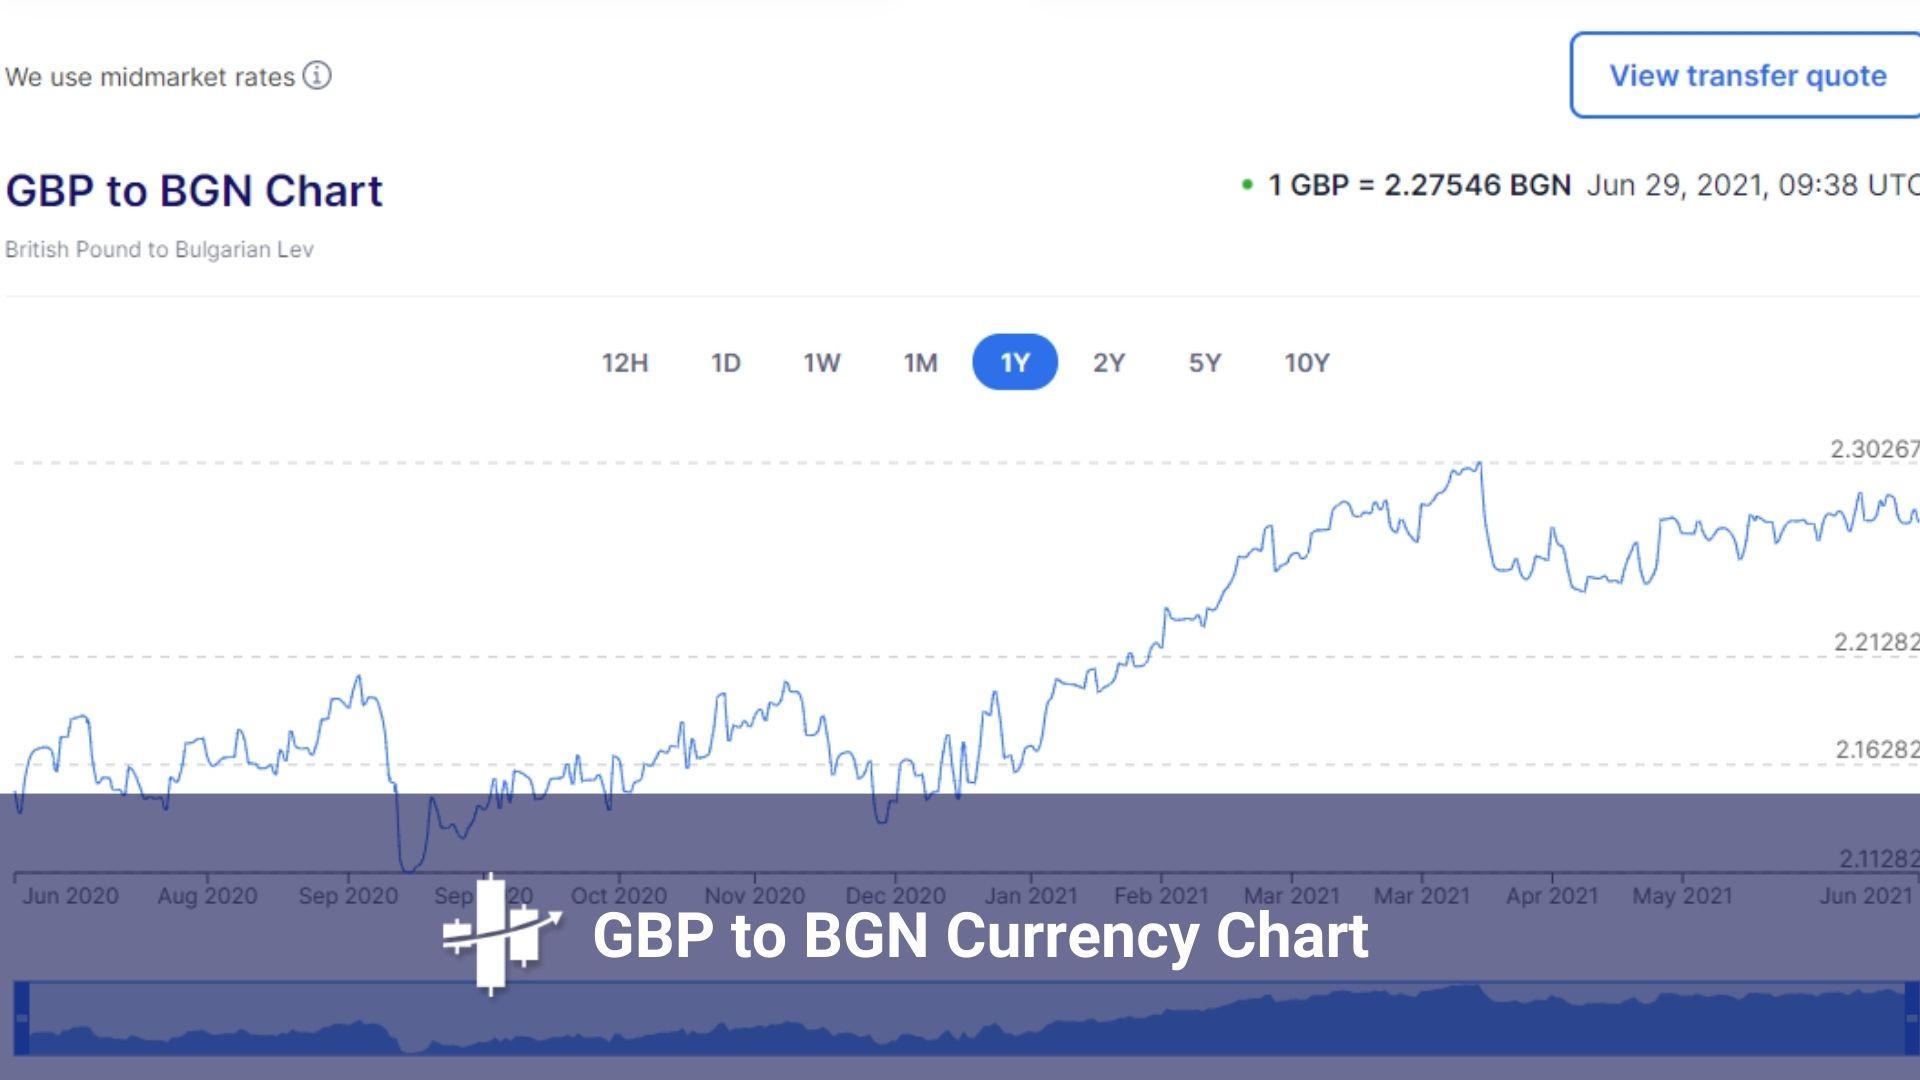 GBP To BGN